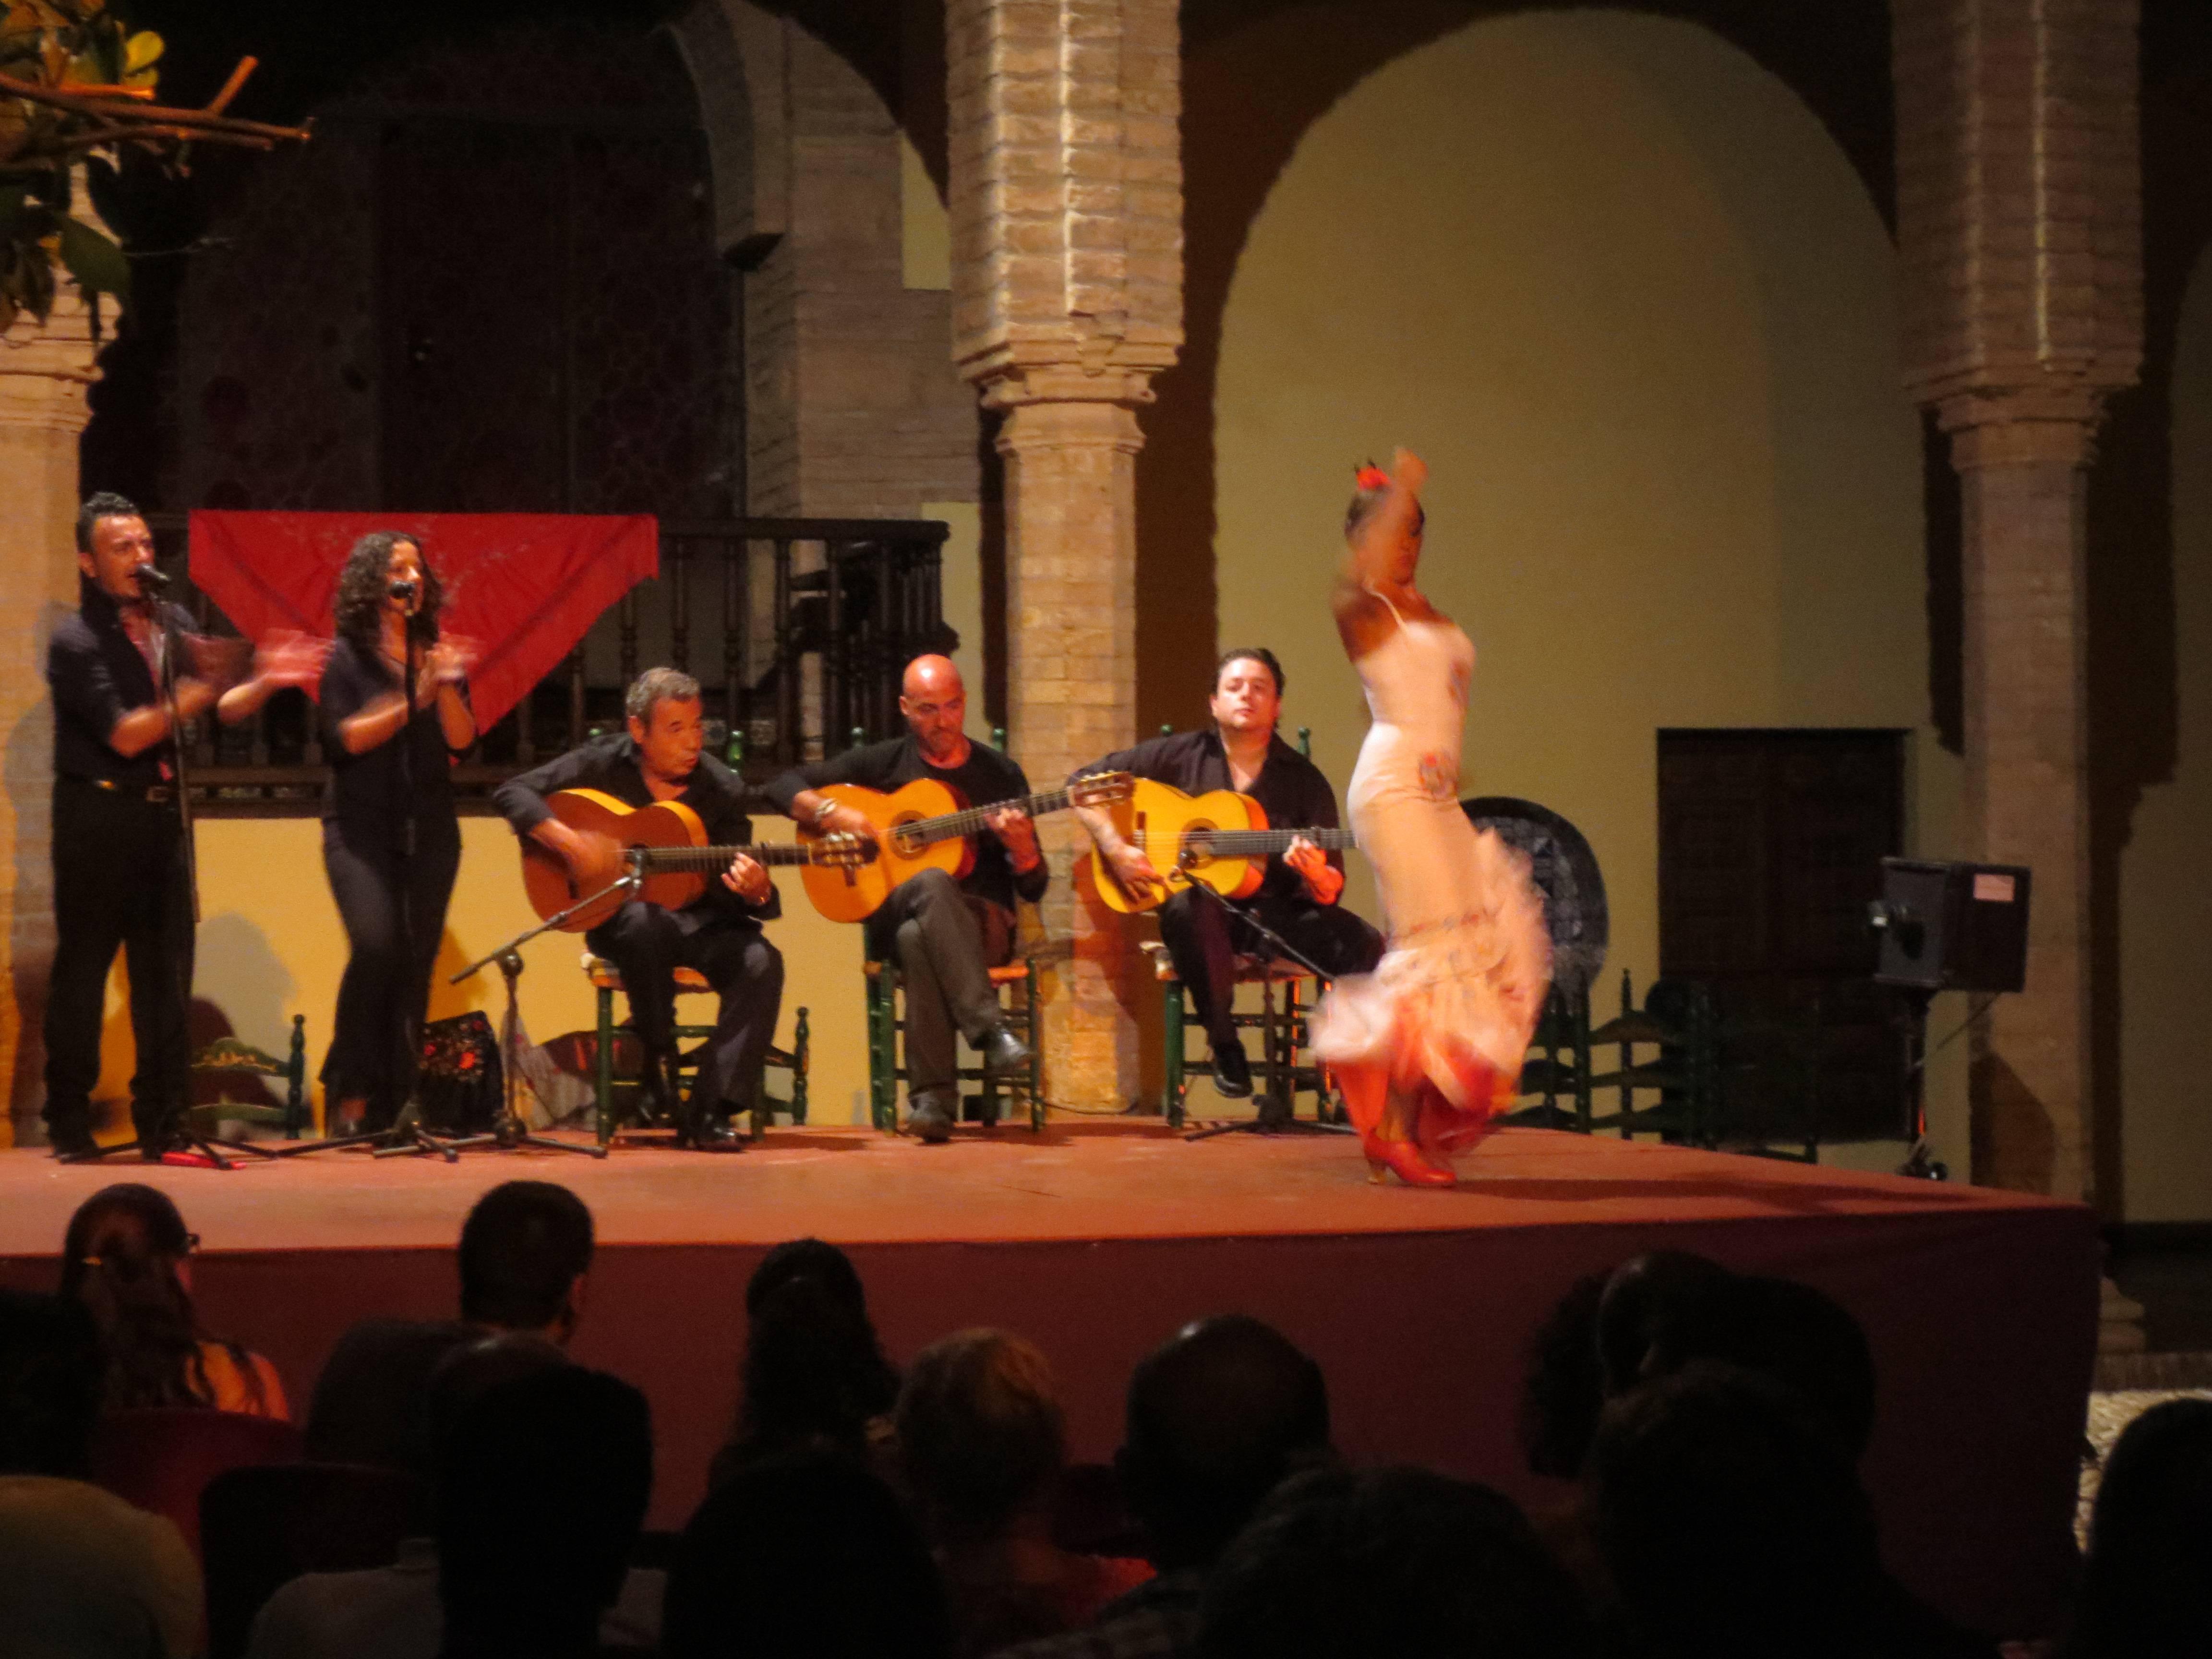 Photo 2: spectacle de flamenco dans un cadre magnifique